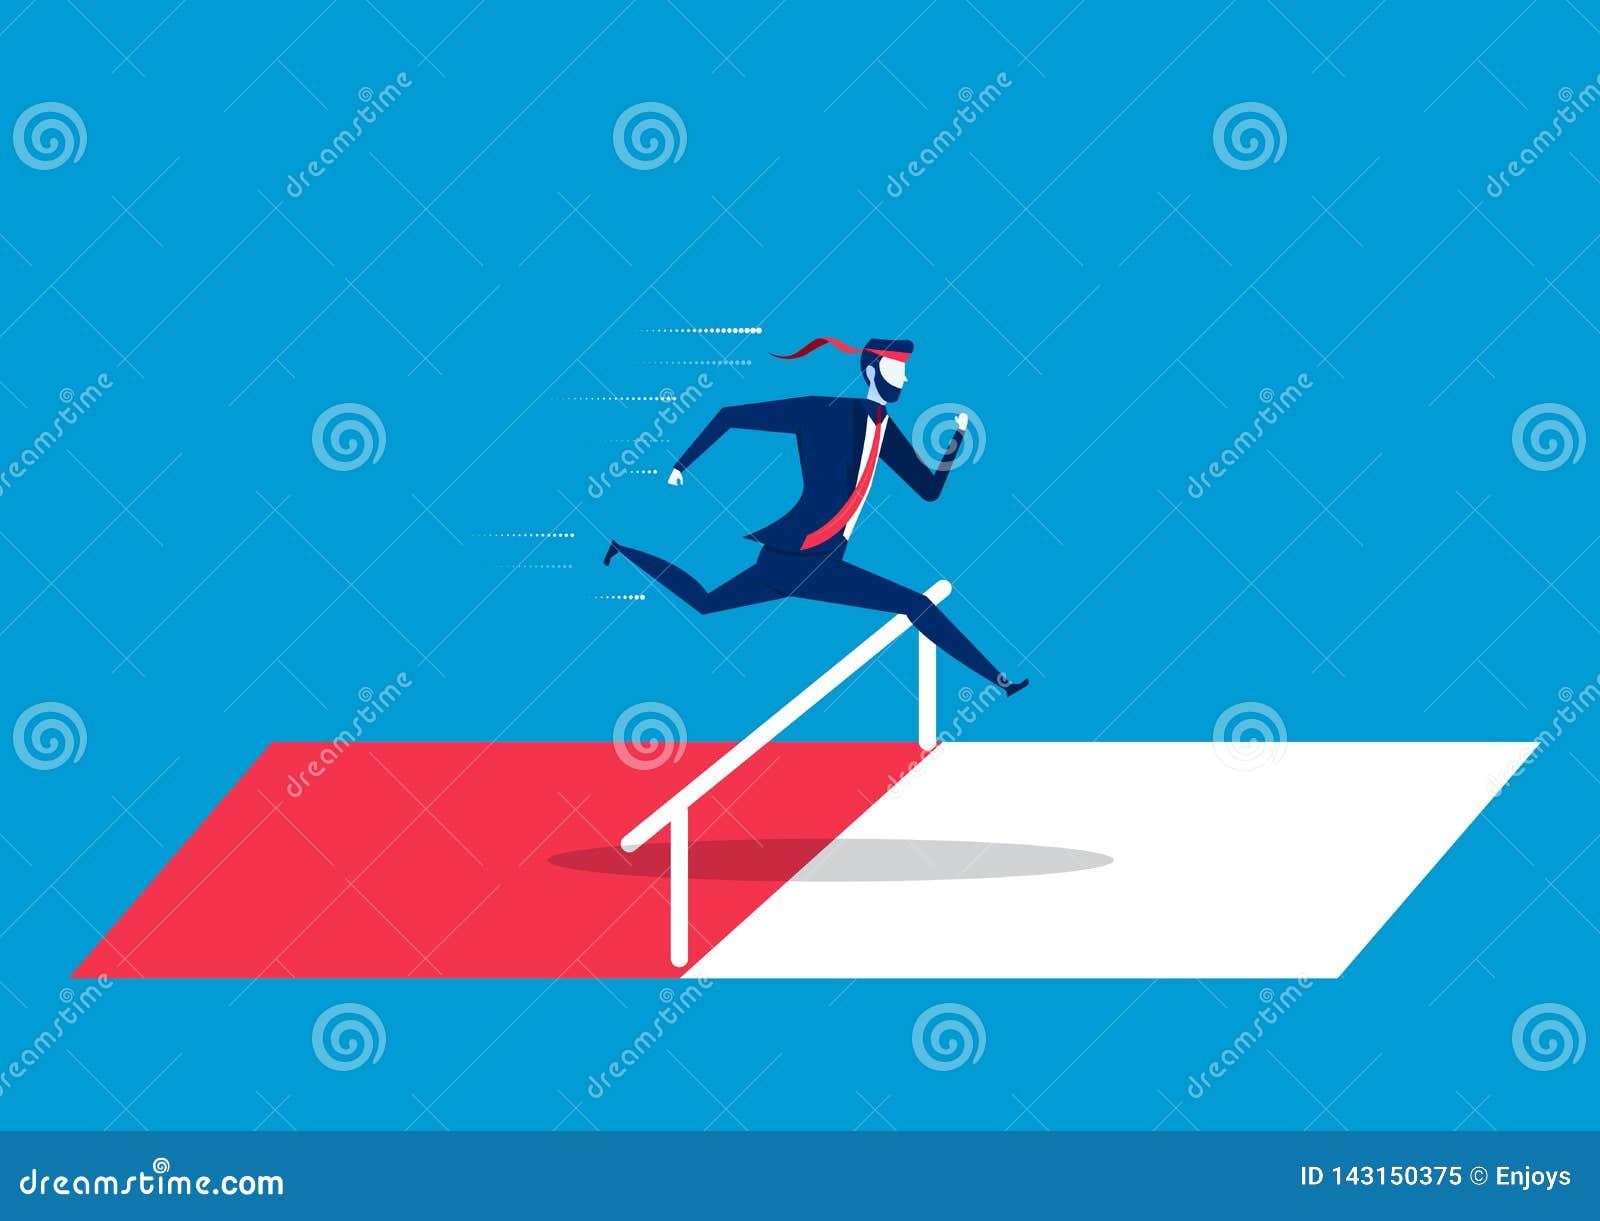 Aspiration, determination, resolution, wish icon